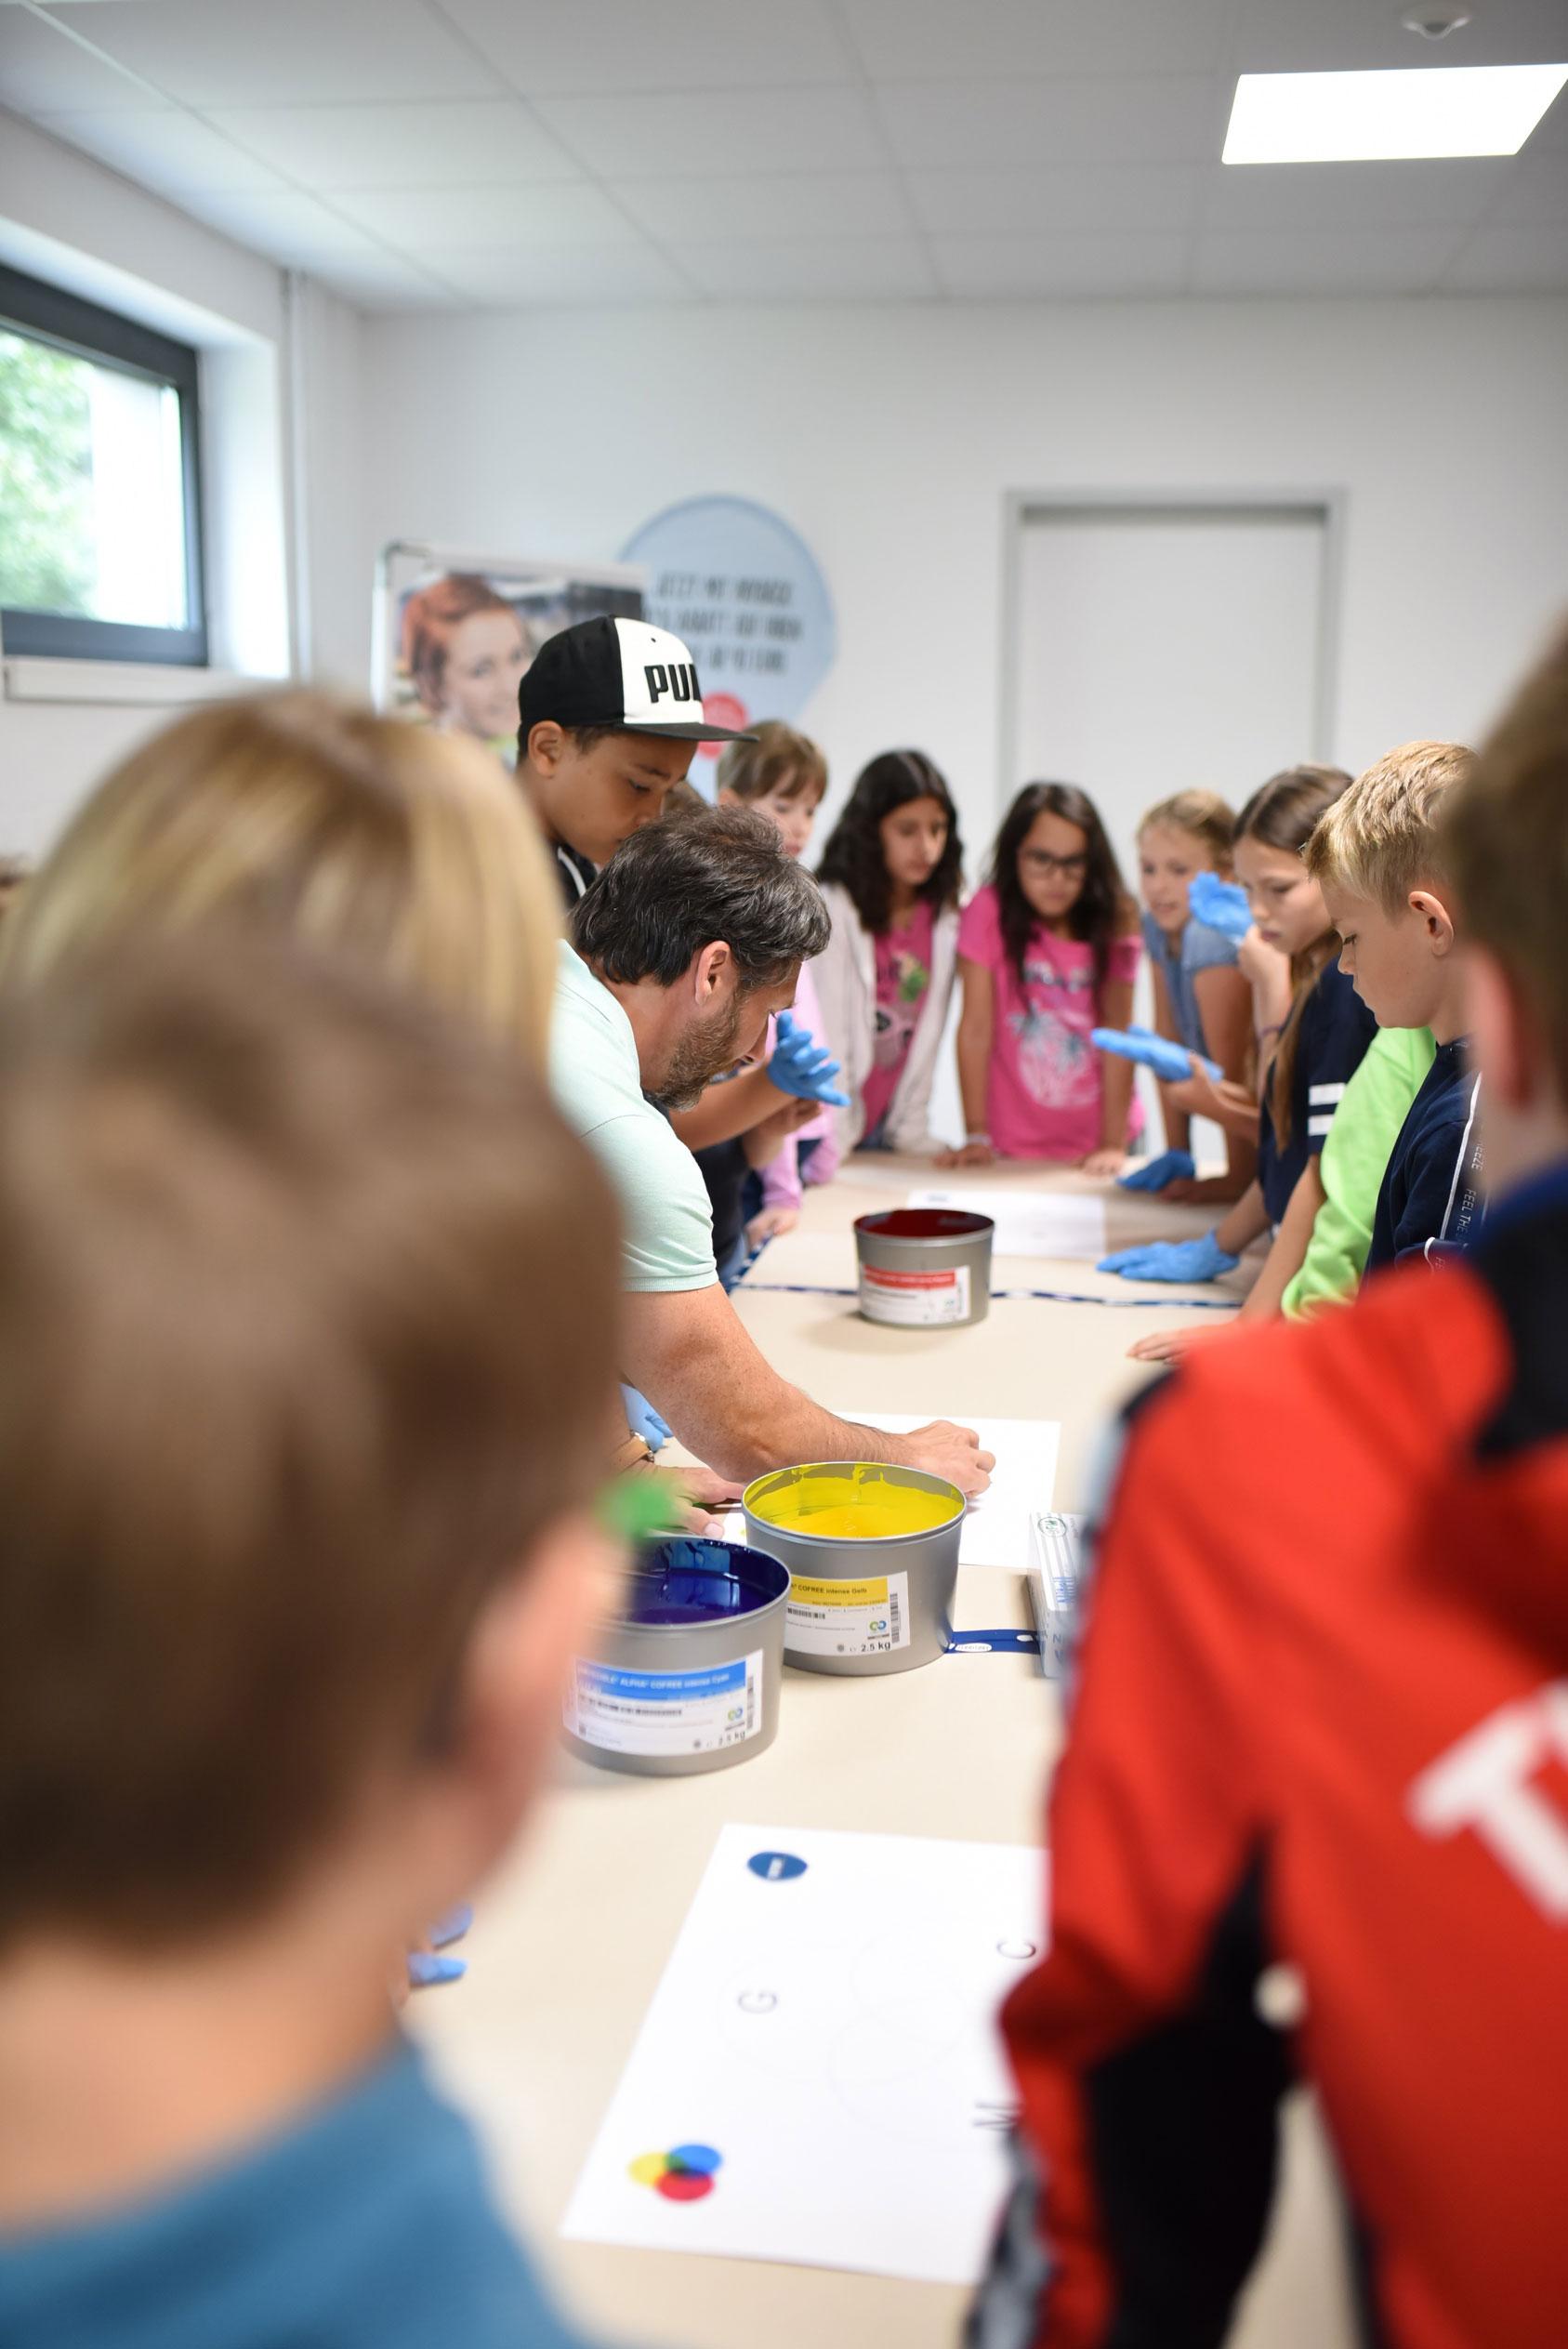 Vierte Klasse der Verler Marienschule besucht TERRITORY Druckerei